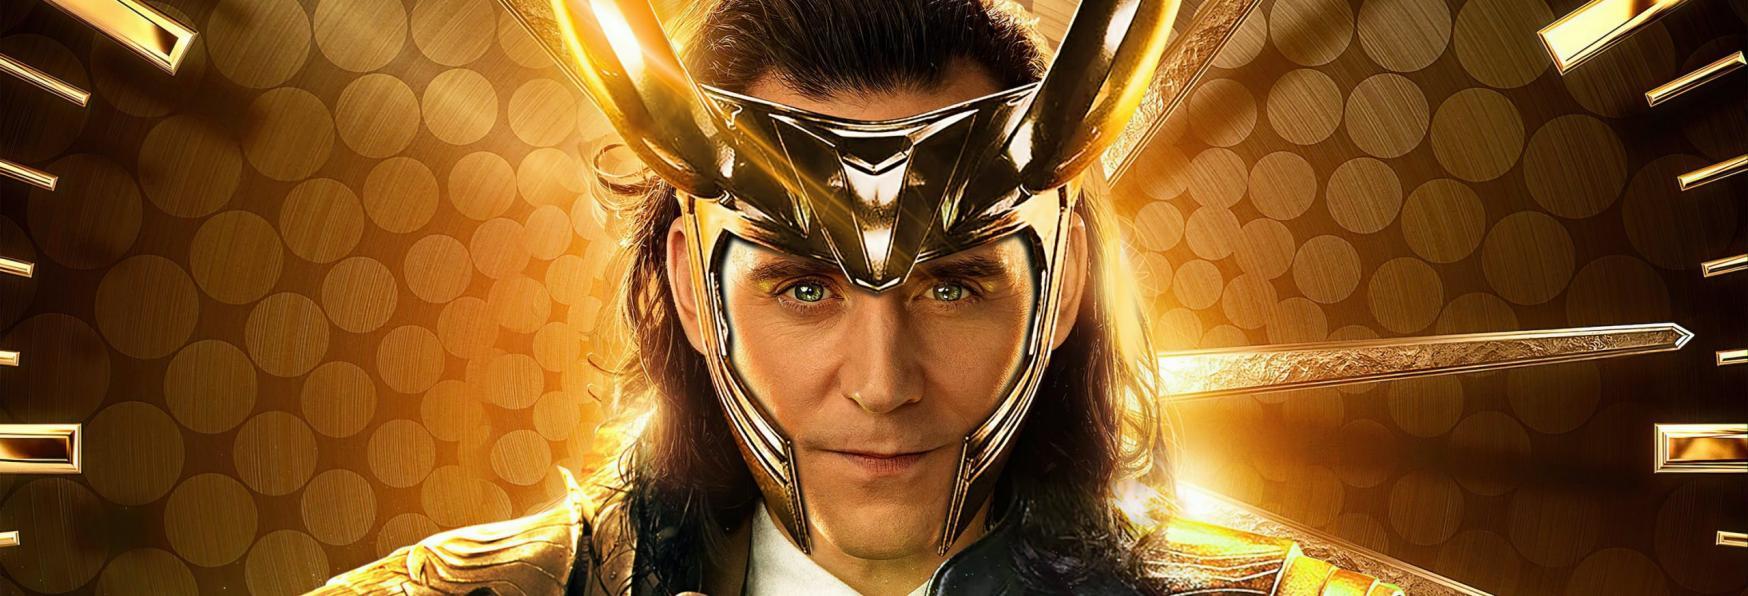 Perché Loki è stato Rinnovato prima di WandaVision e The Falcon and The Winter Soldier?